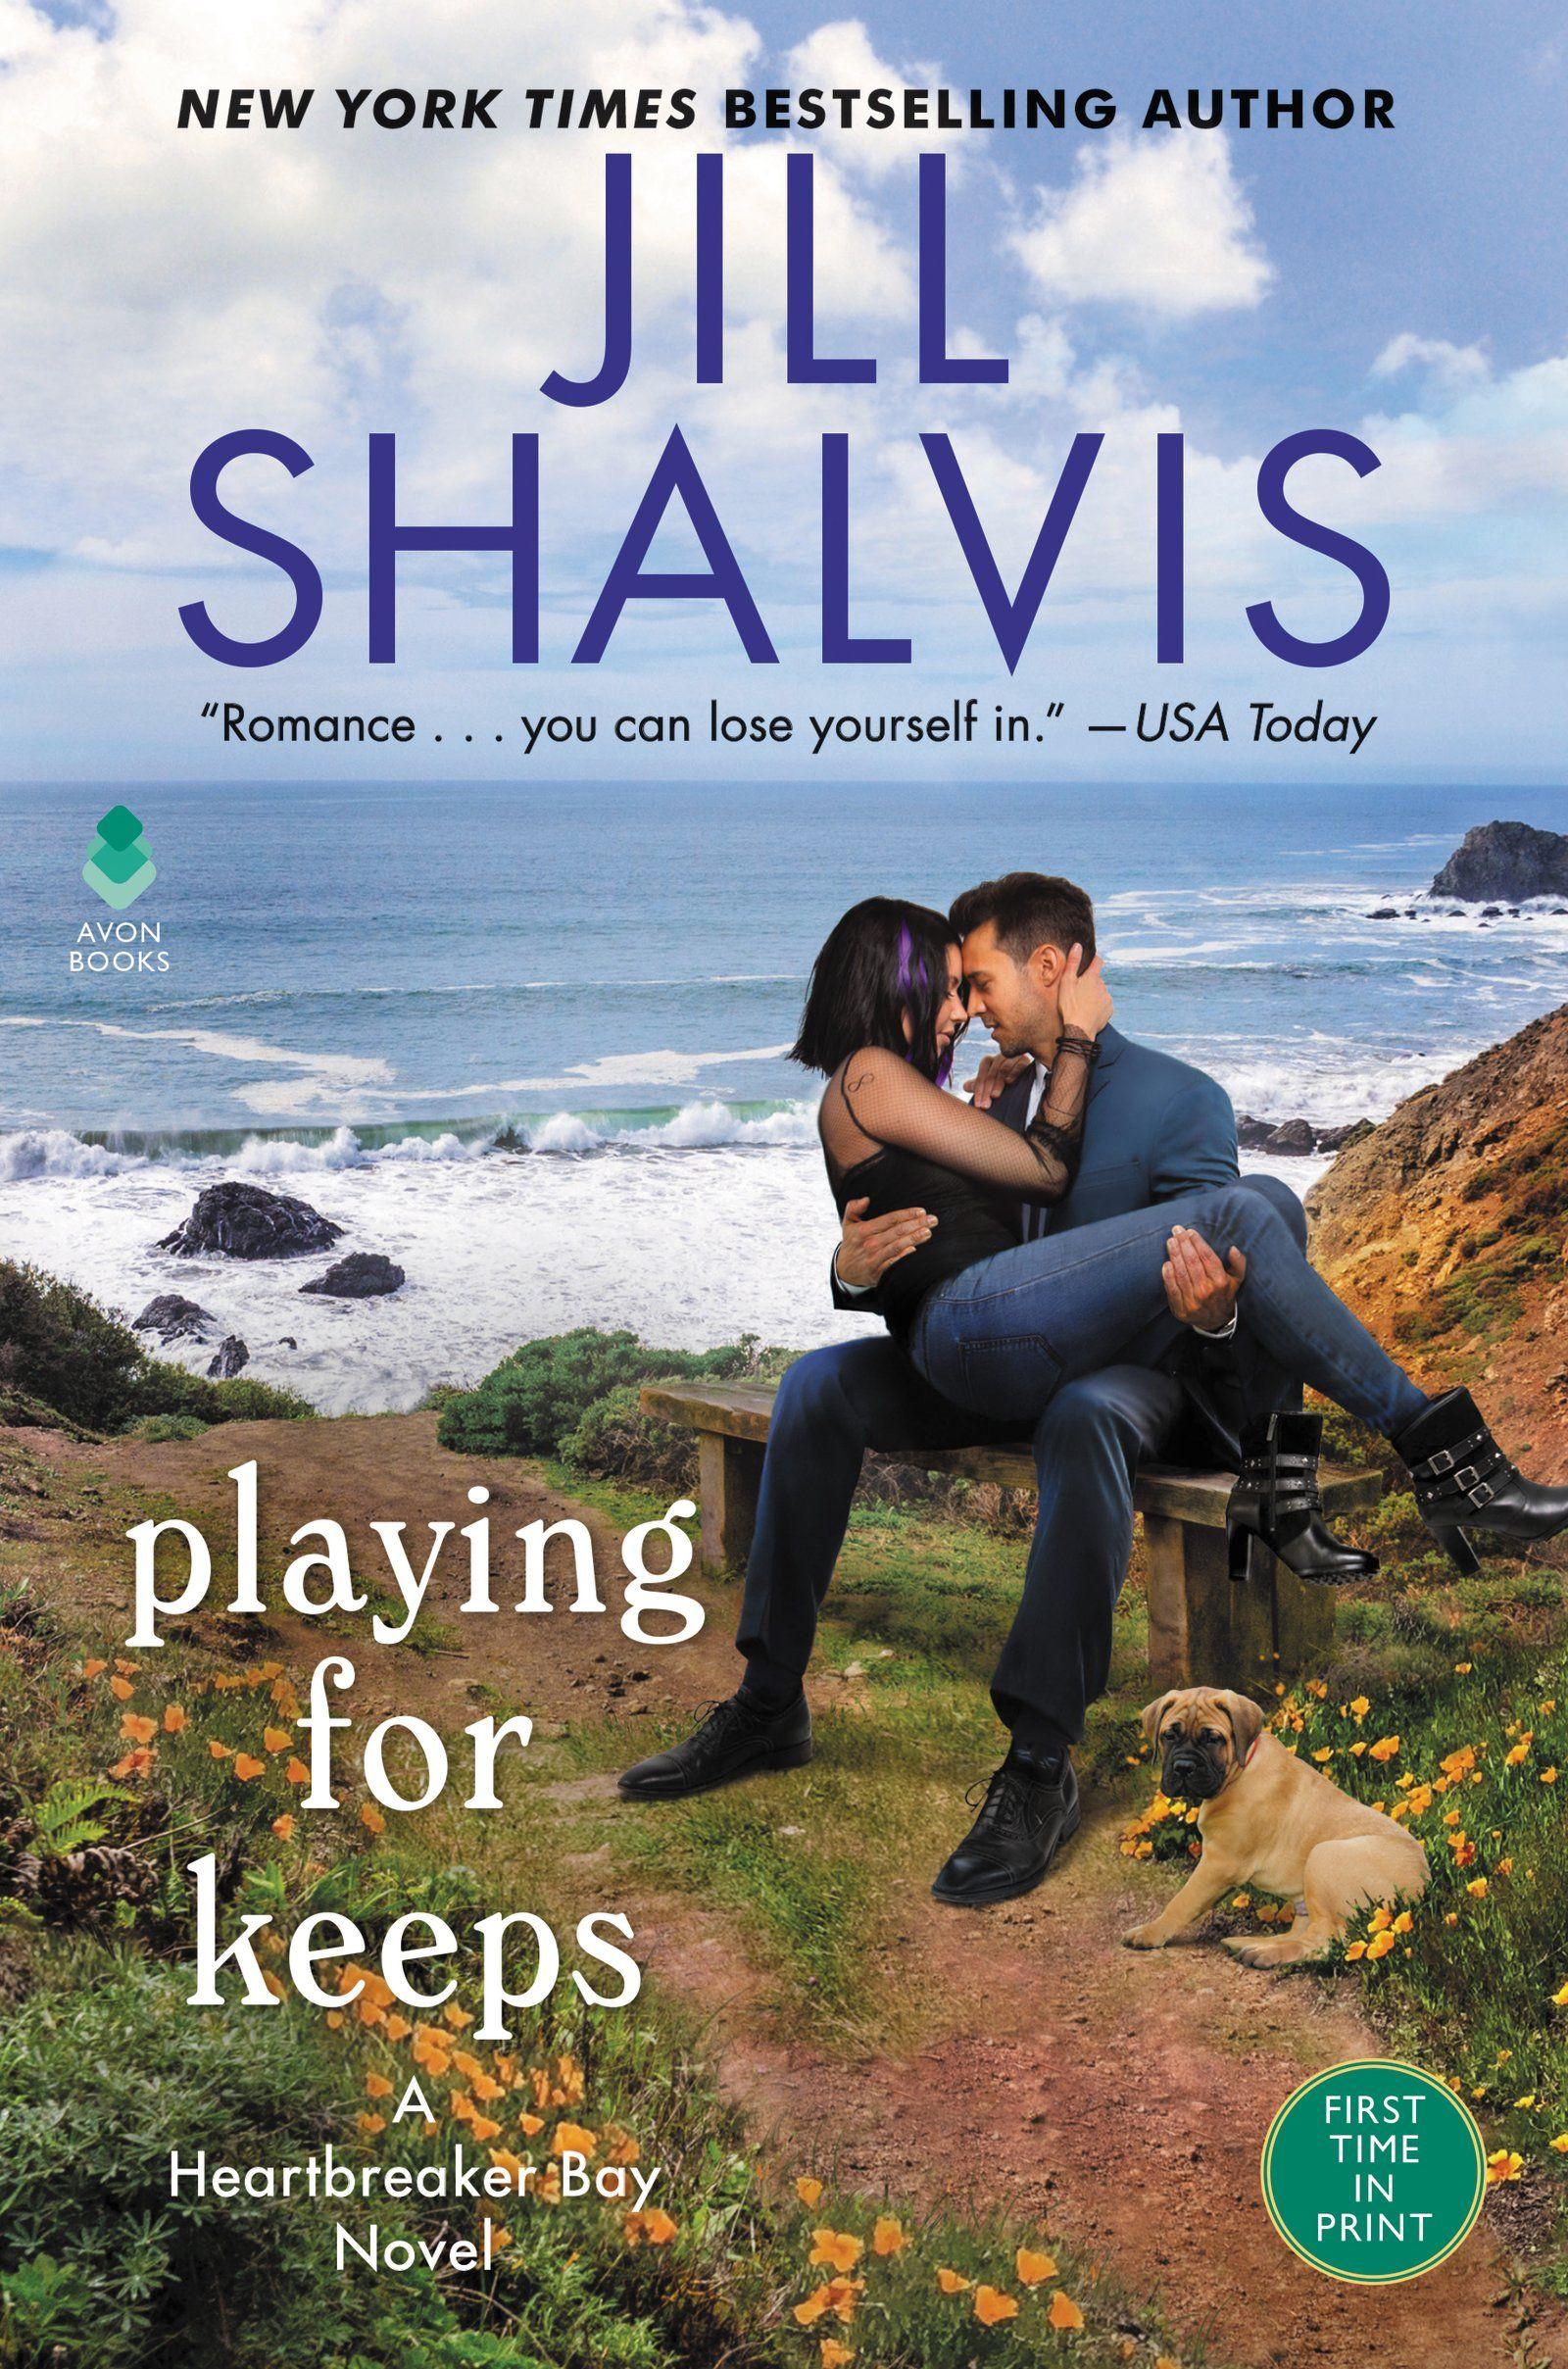 Reglerne for speed dating terapi efter dating en sociopat dating amor jill shalvis.